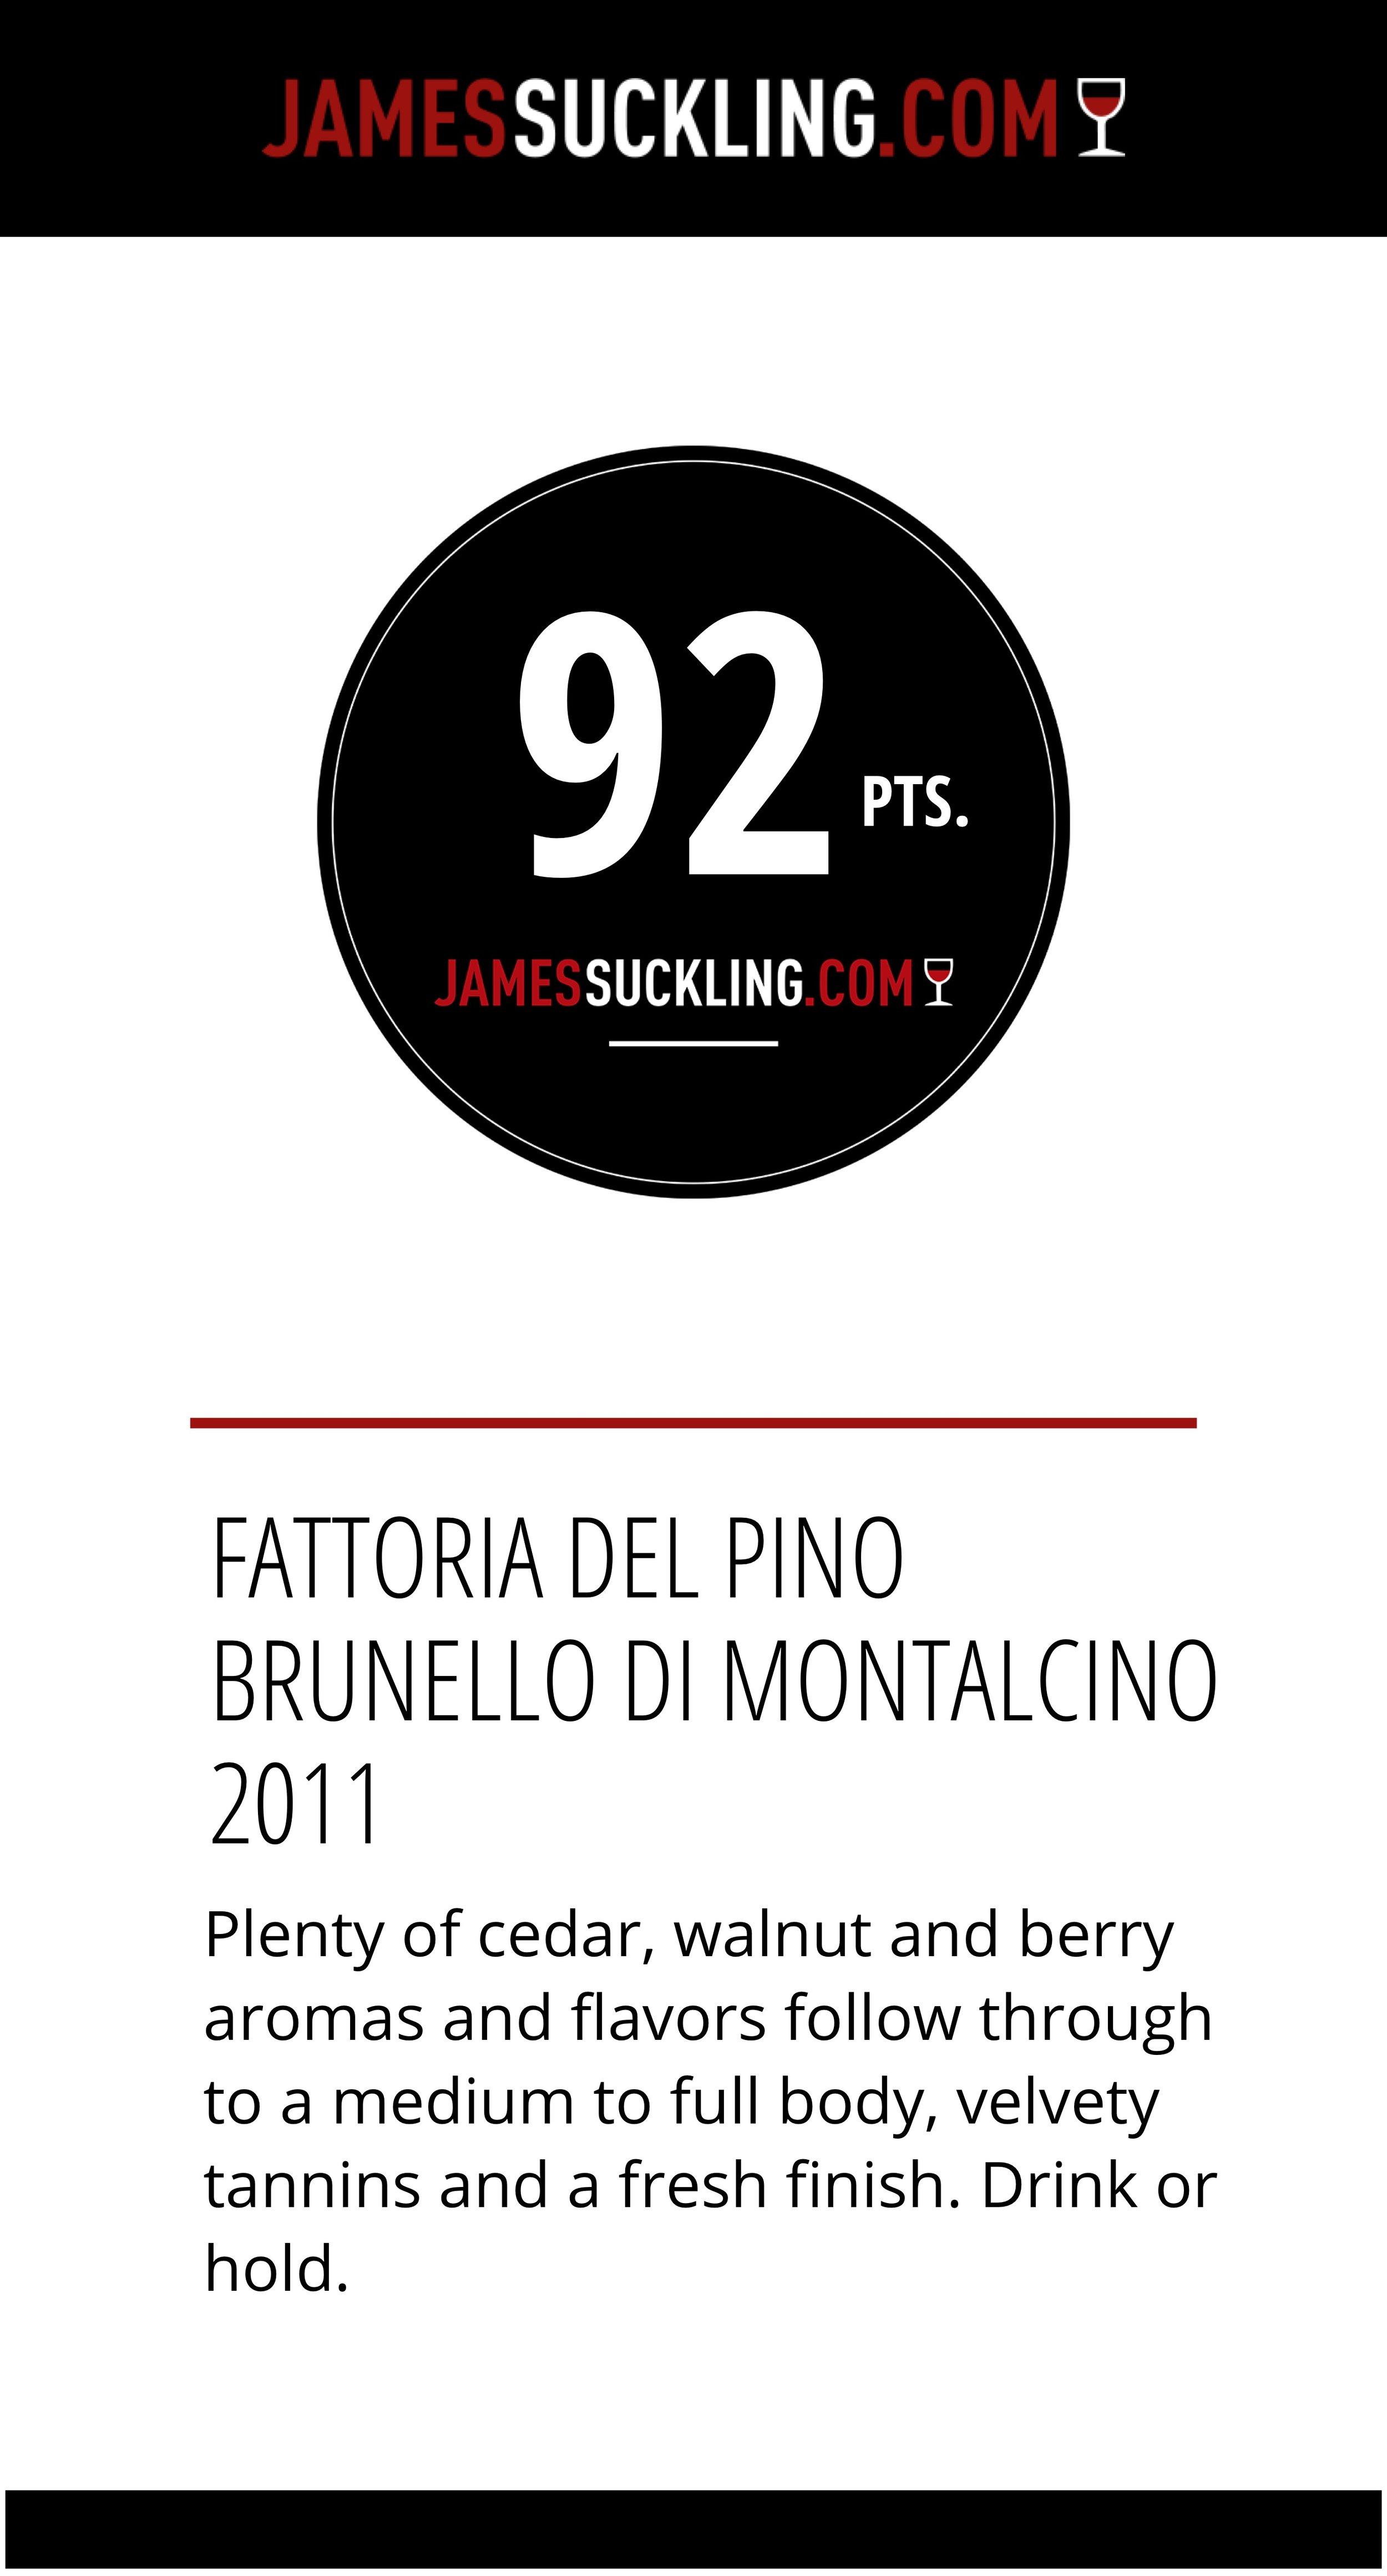 fattoria_del_pino_brunello_di_montalcino_2011 copy.jpg